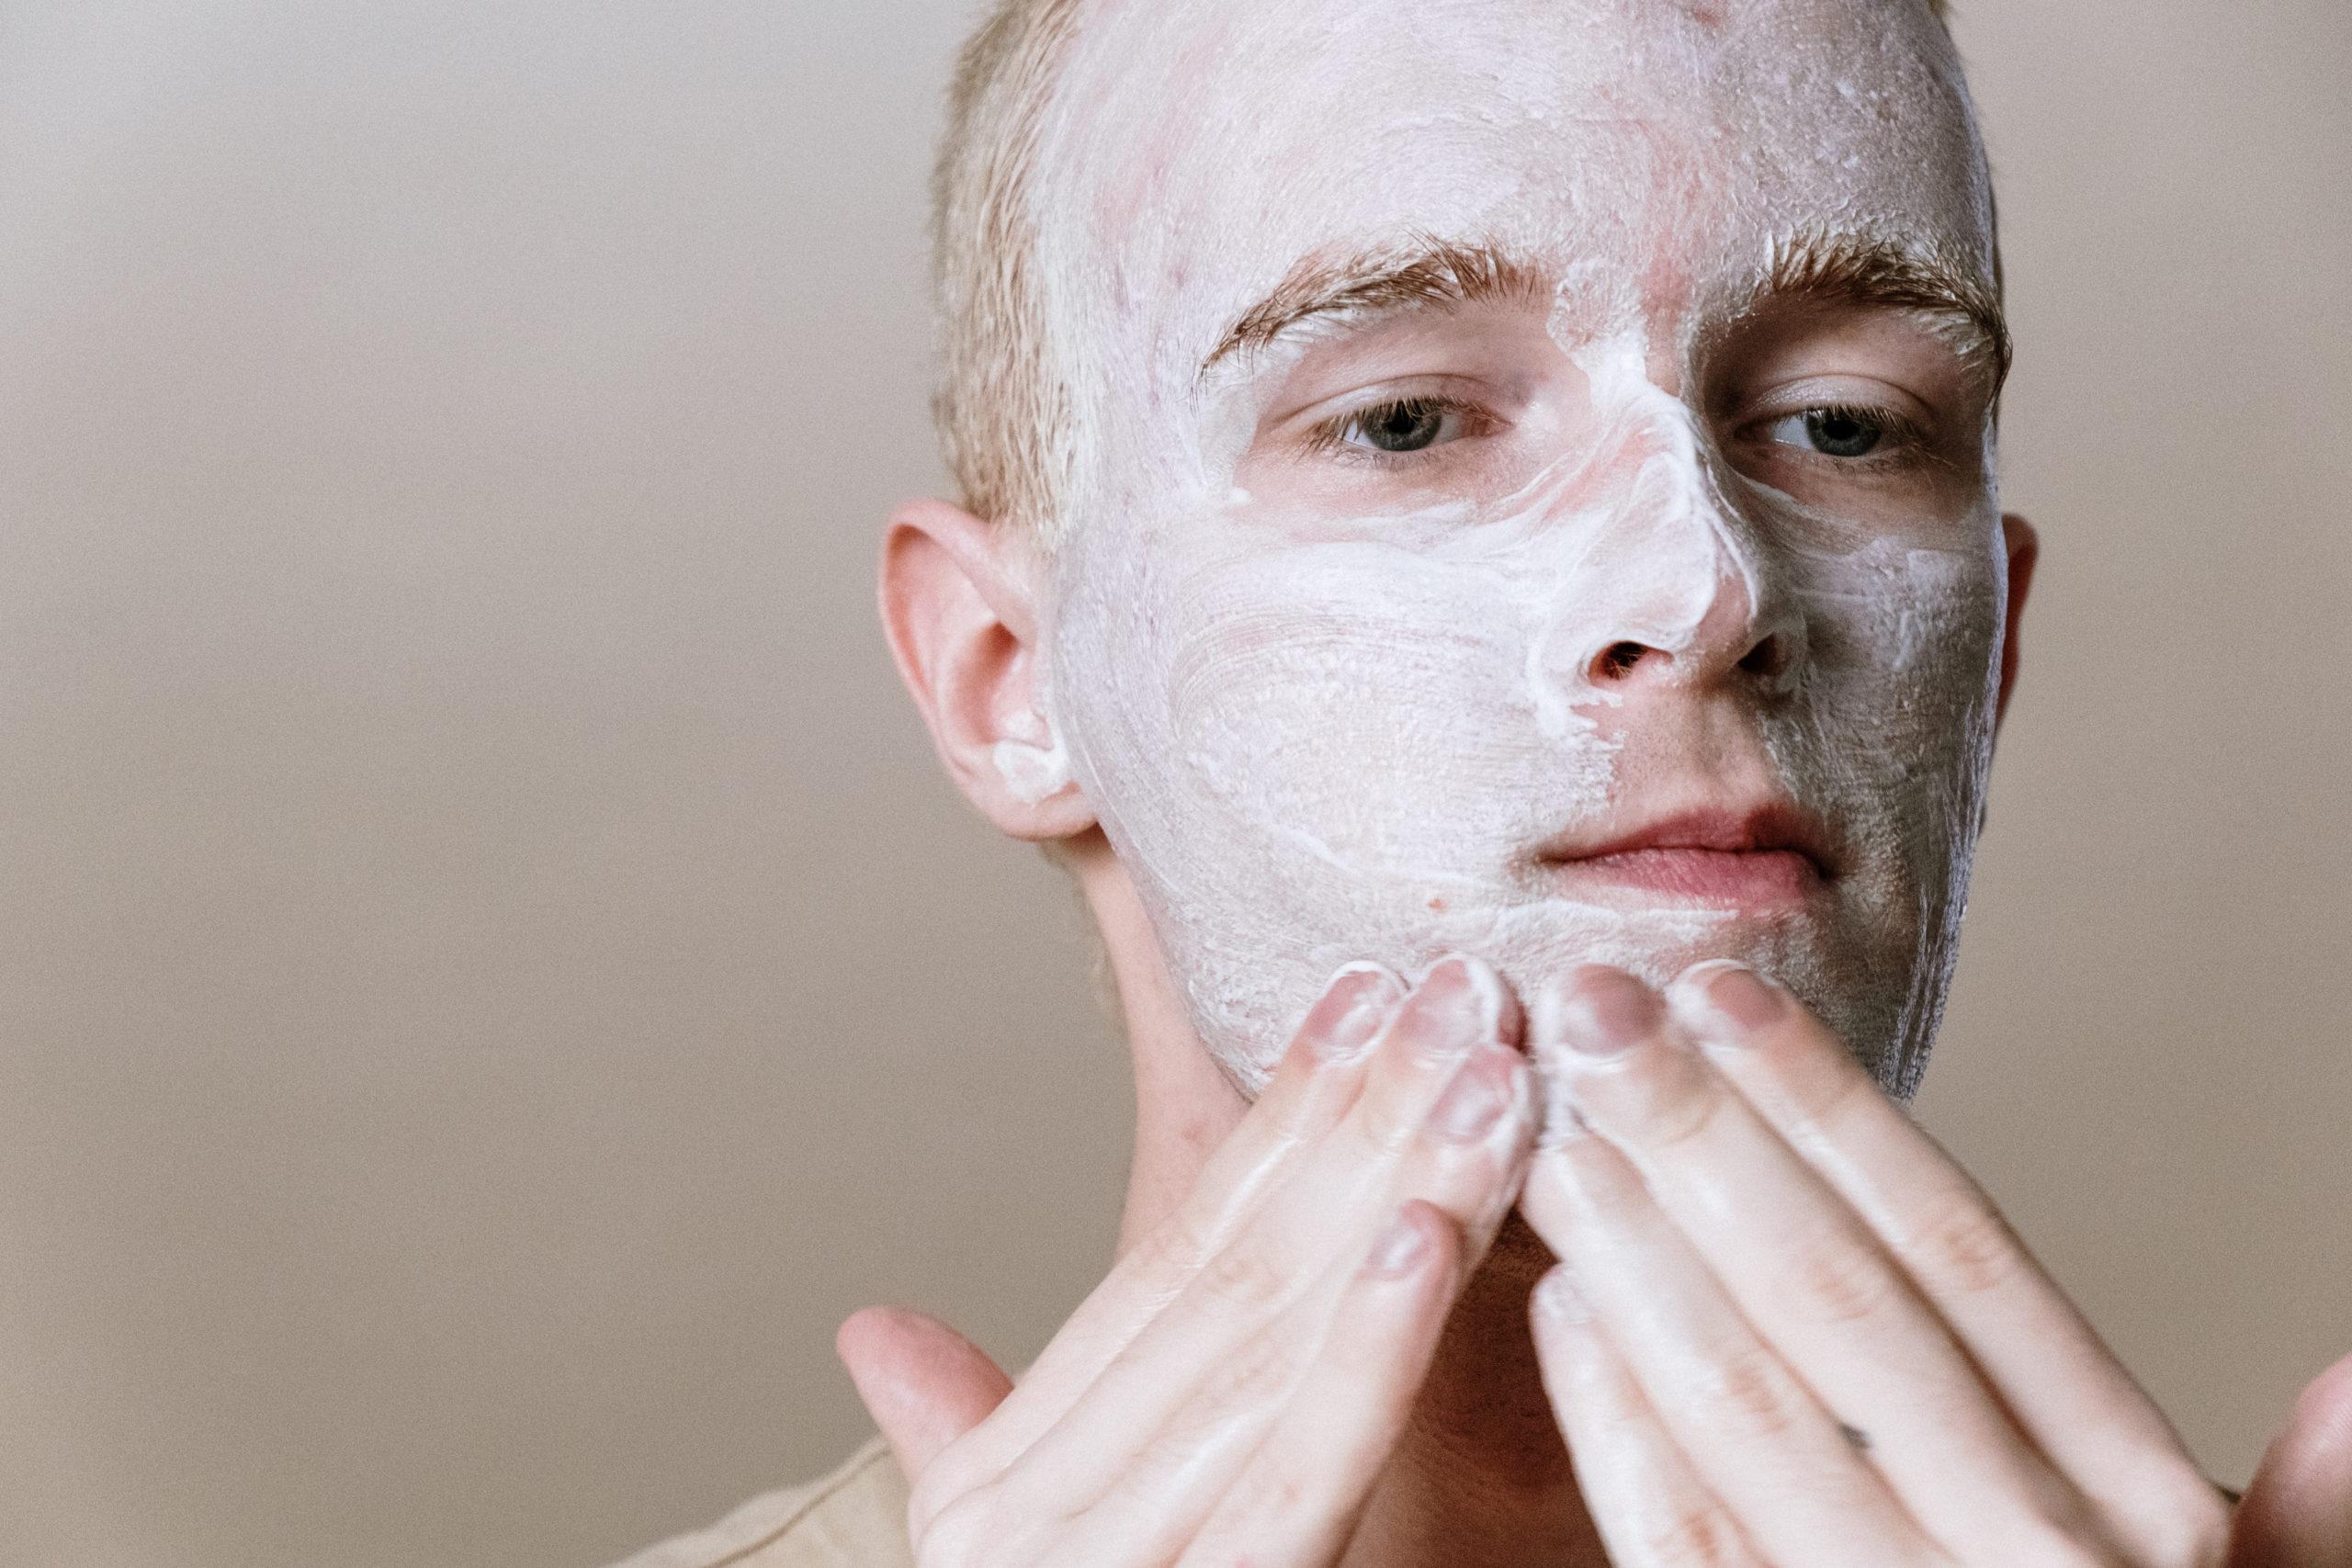 โฟมล้างหน้าผู้ชาย